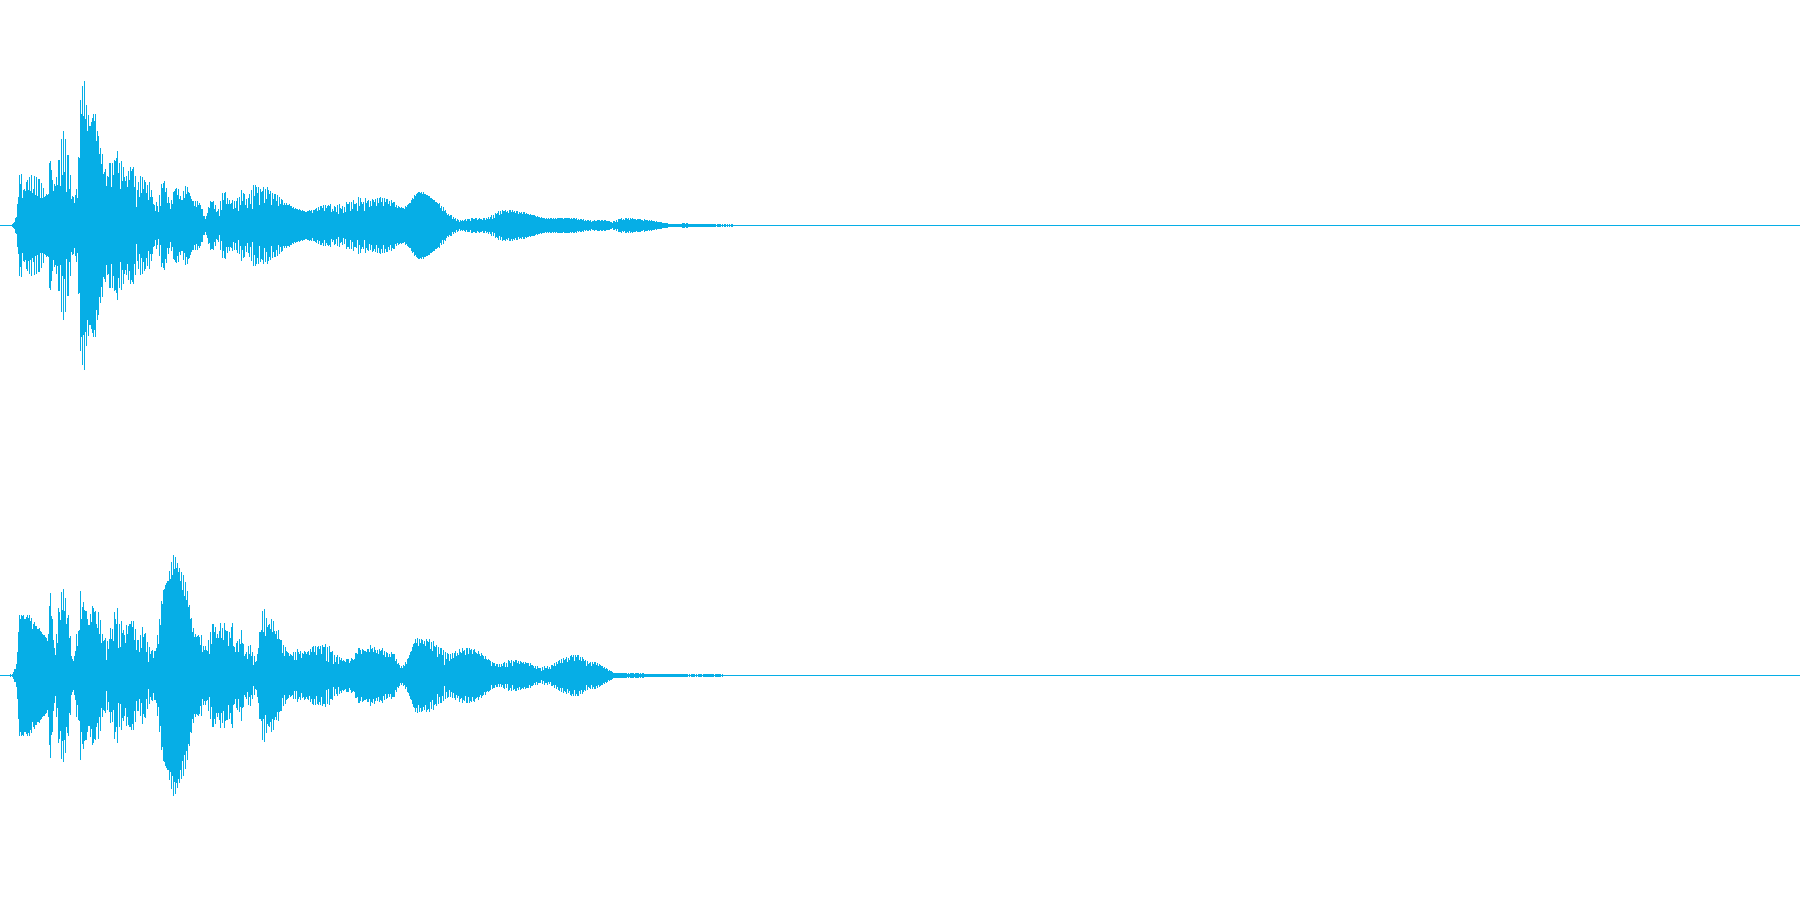 シャララーン (ゲット・アプリ決定音)の再生済みの波形